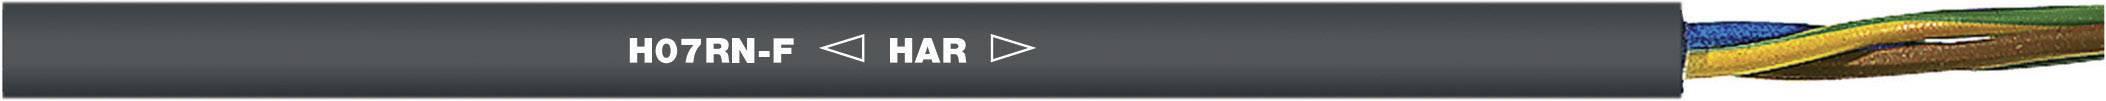 Připojovací kabel H07RN-F 3 G 4 mm² černá LAPP 1600119 metrové zboží